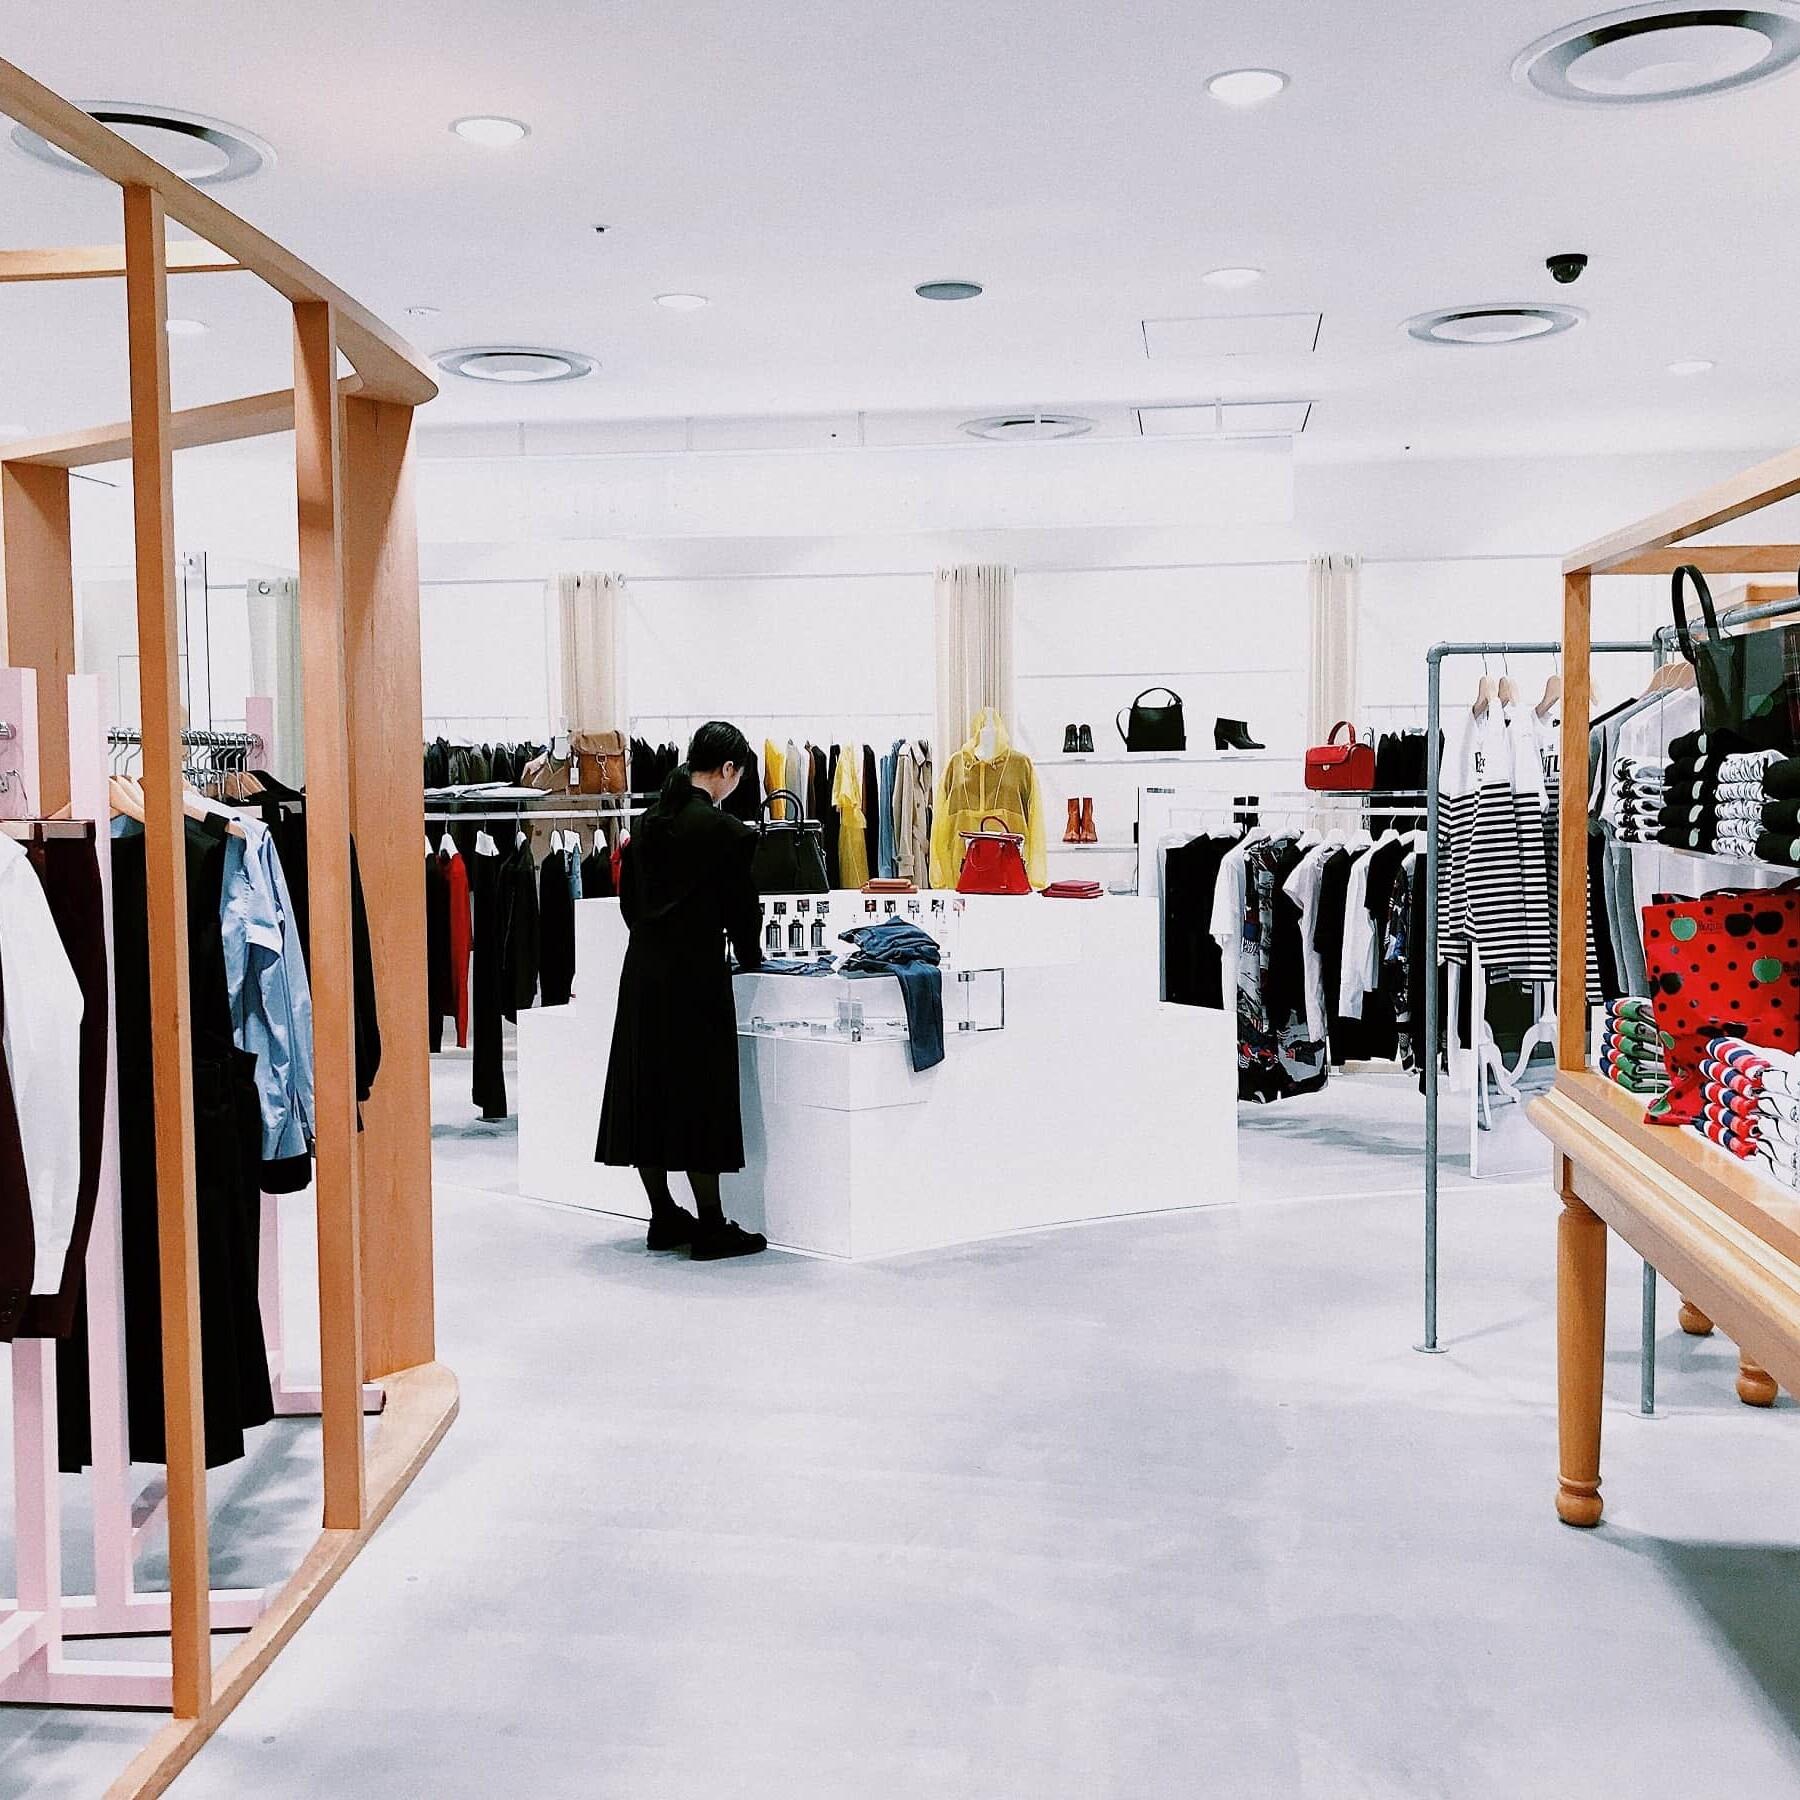 kompleksowe wyposażenia sklepów